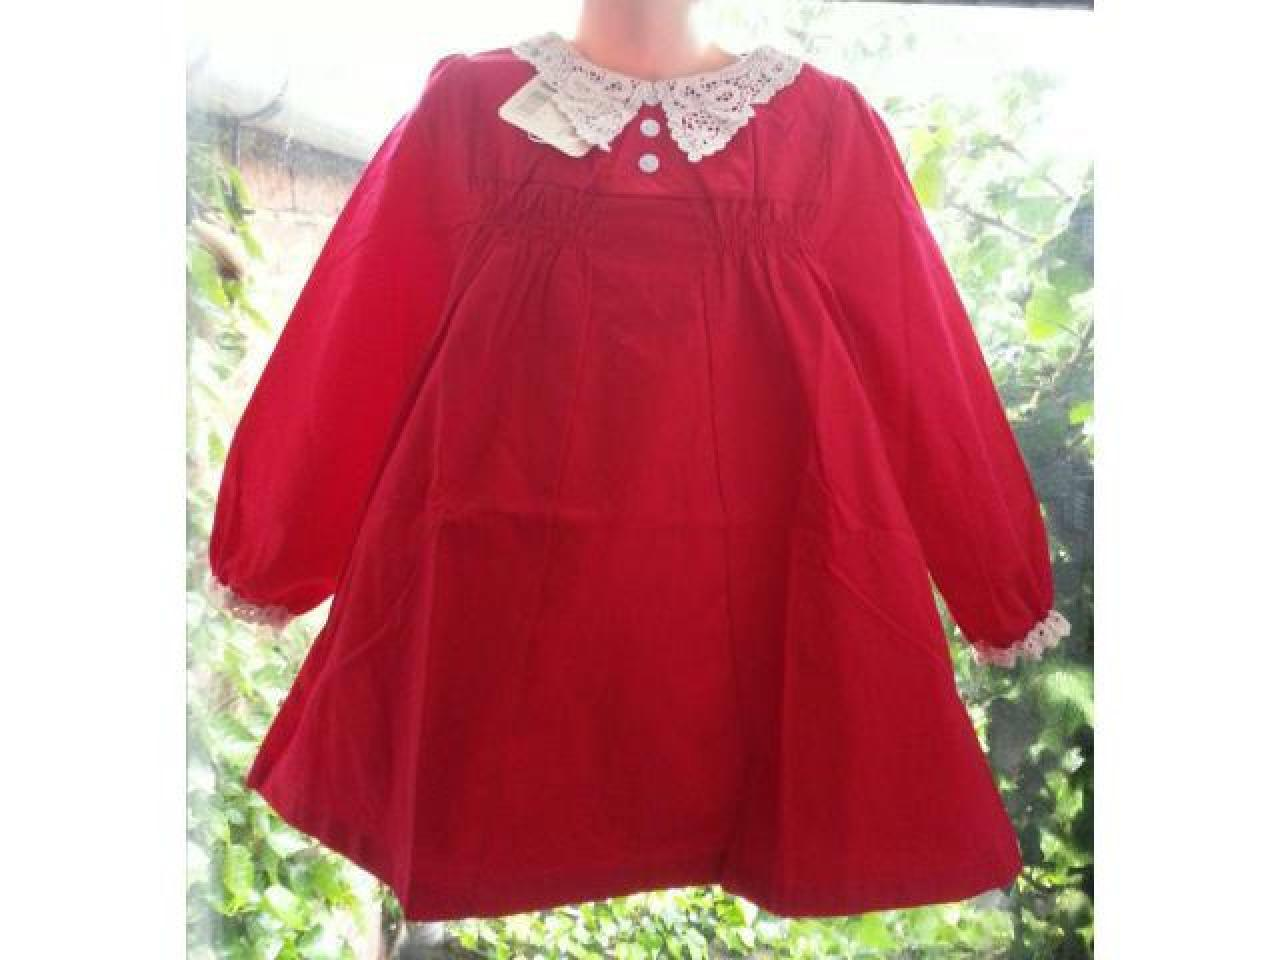 Элегантное платье с длинным рукавом и кружевным воротничком для девочек 2-3, 3-4, 4-5, 5-6 и 6-7 лет - 1